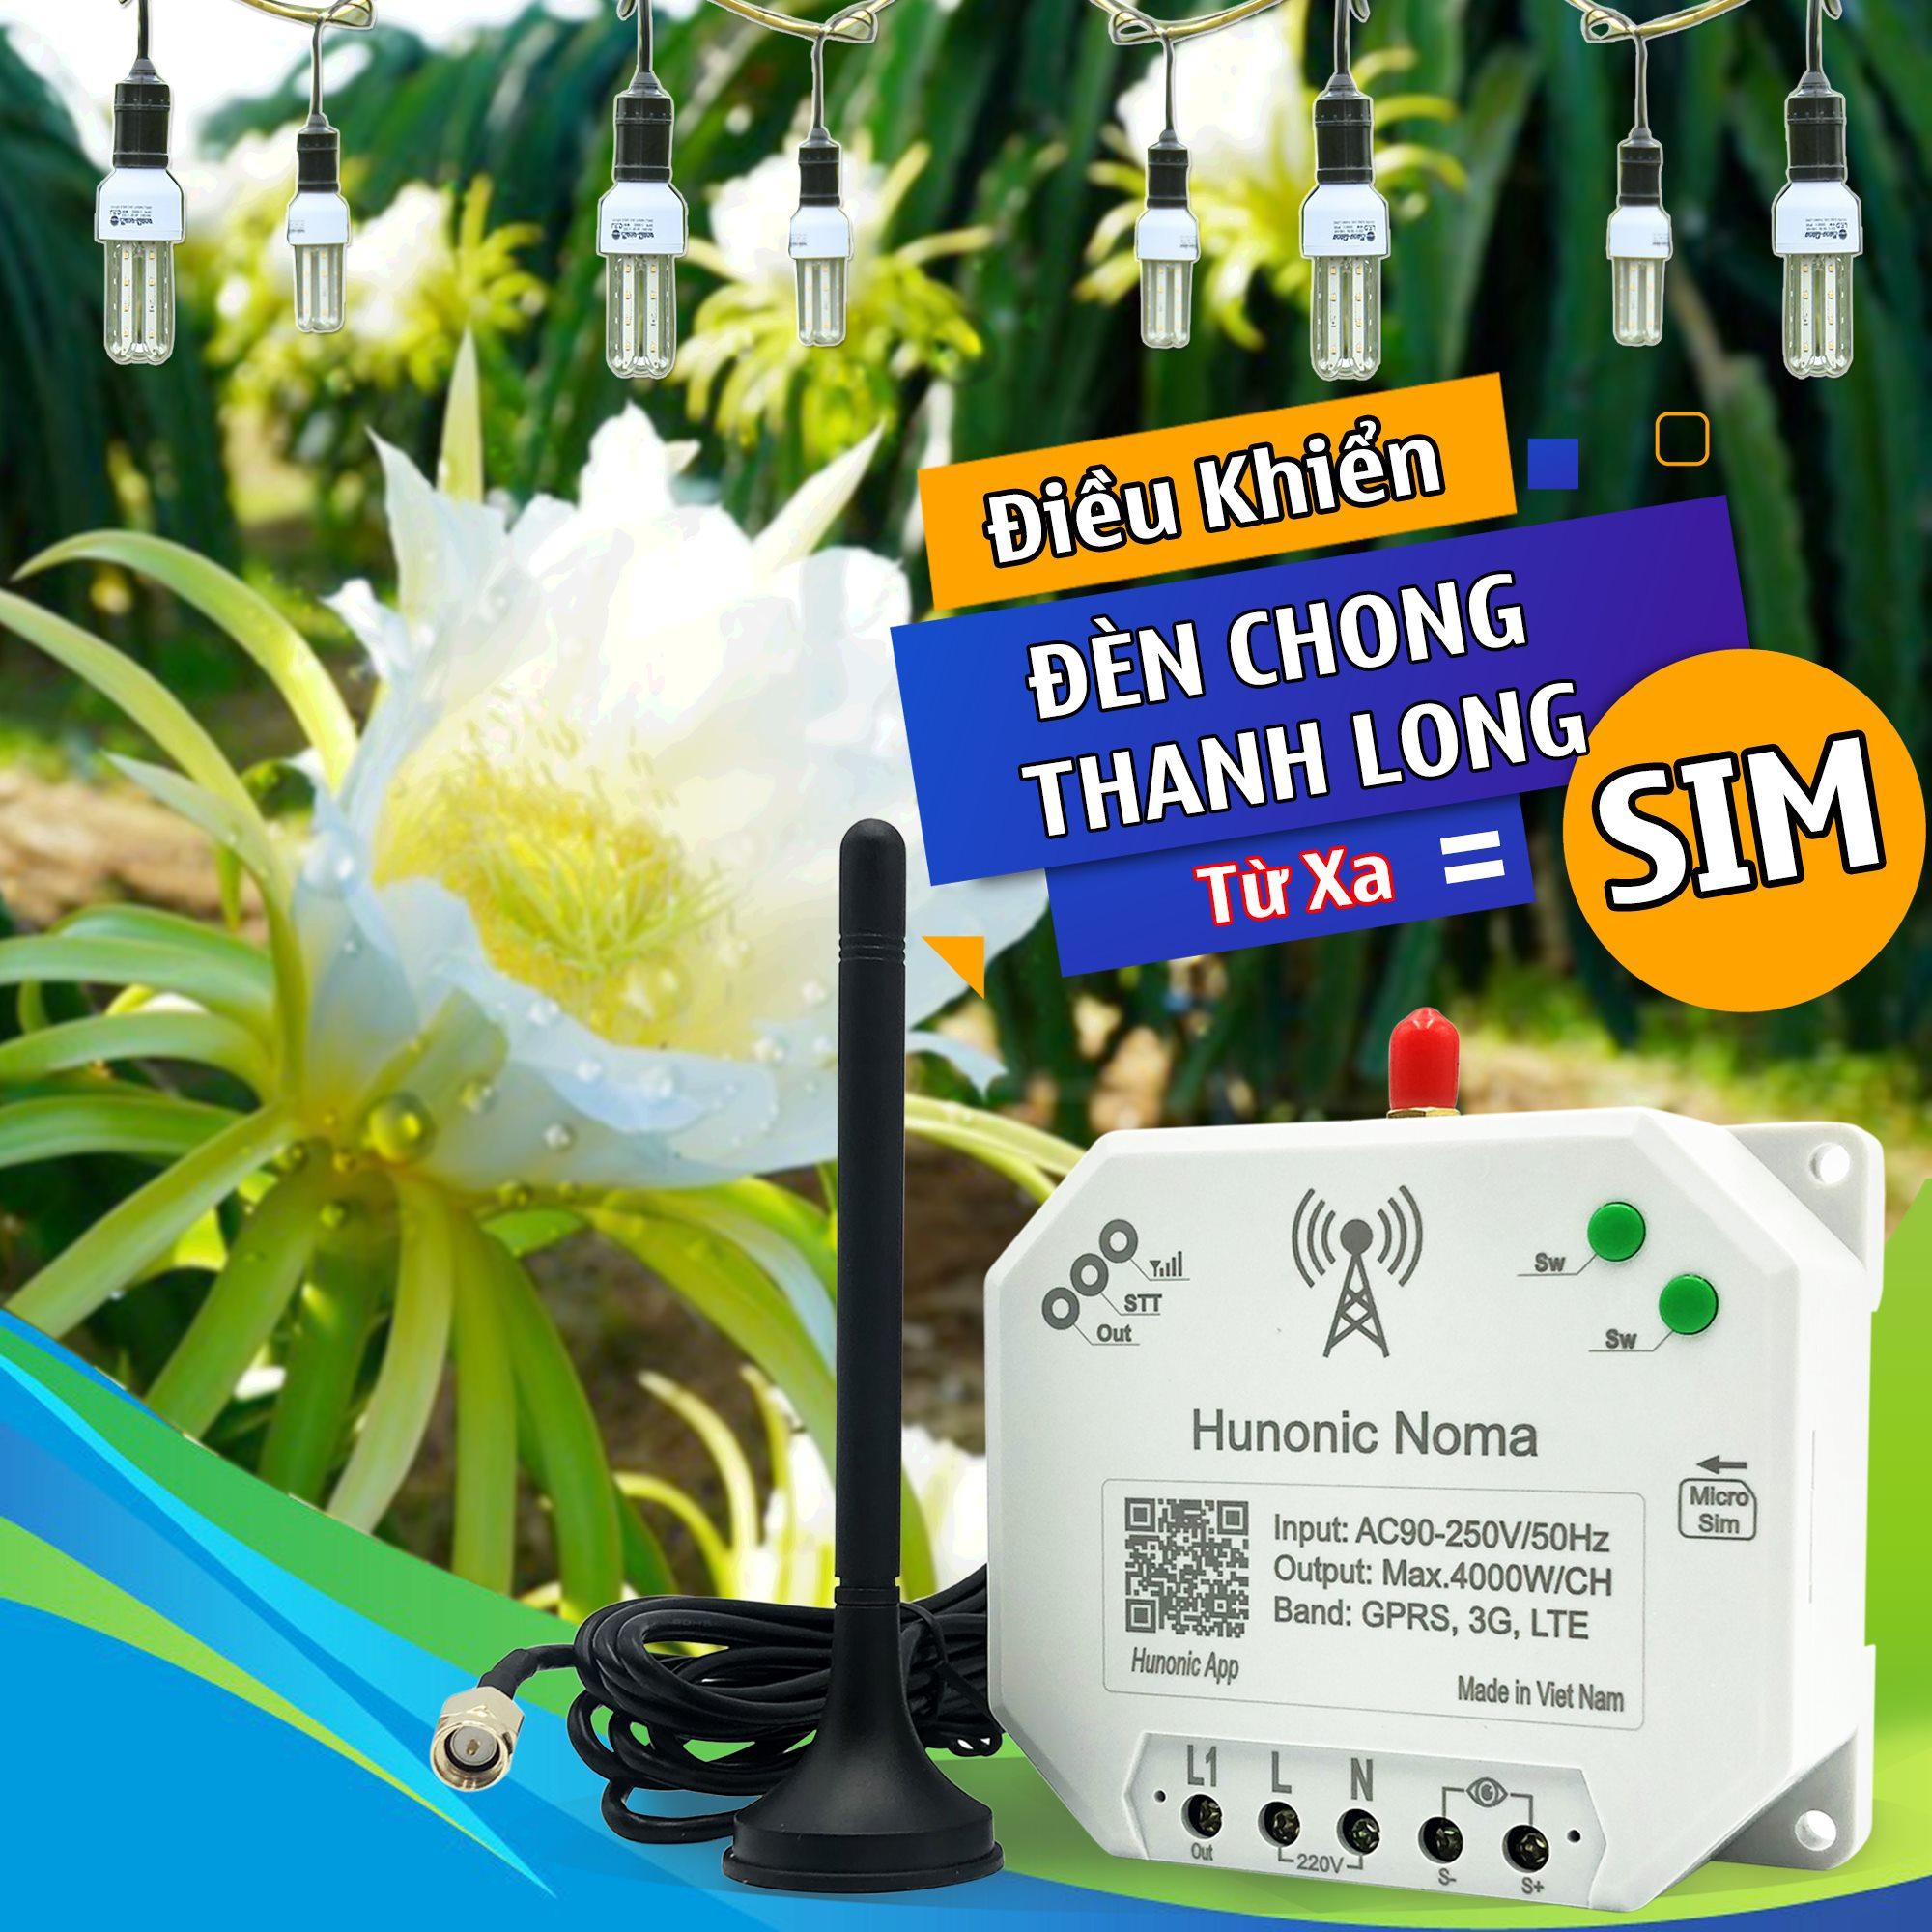 Công tắc thông minh Hunonic Noma Điều khiển mọi thiết bị từ xa qua điện thoại dùng sim- Hàng Việt Nam Chất Lượng Cao 5